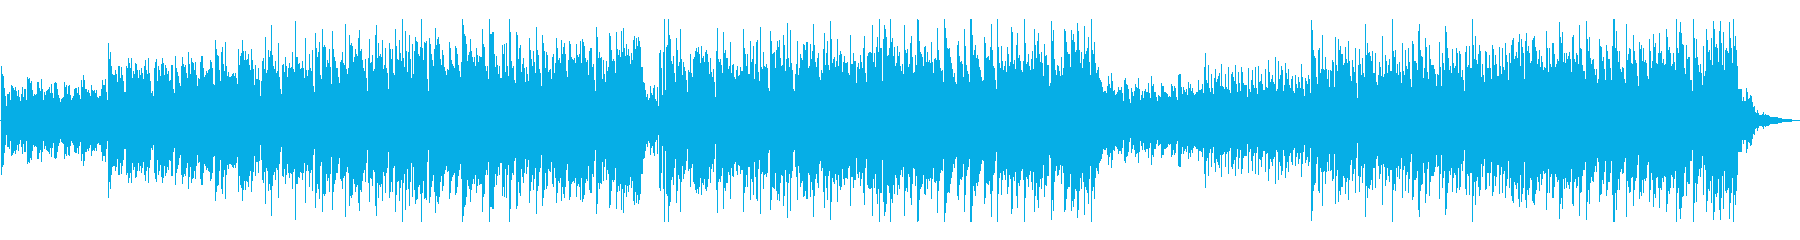 ちょいワル、ダークハウス、YouTubeの再生済みの波形